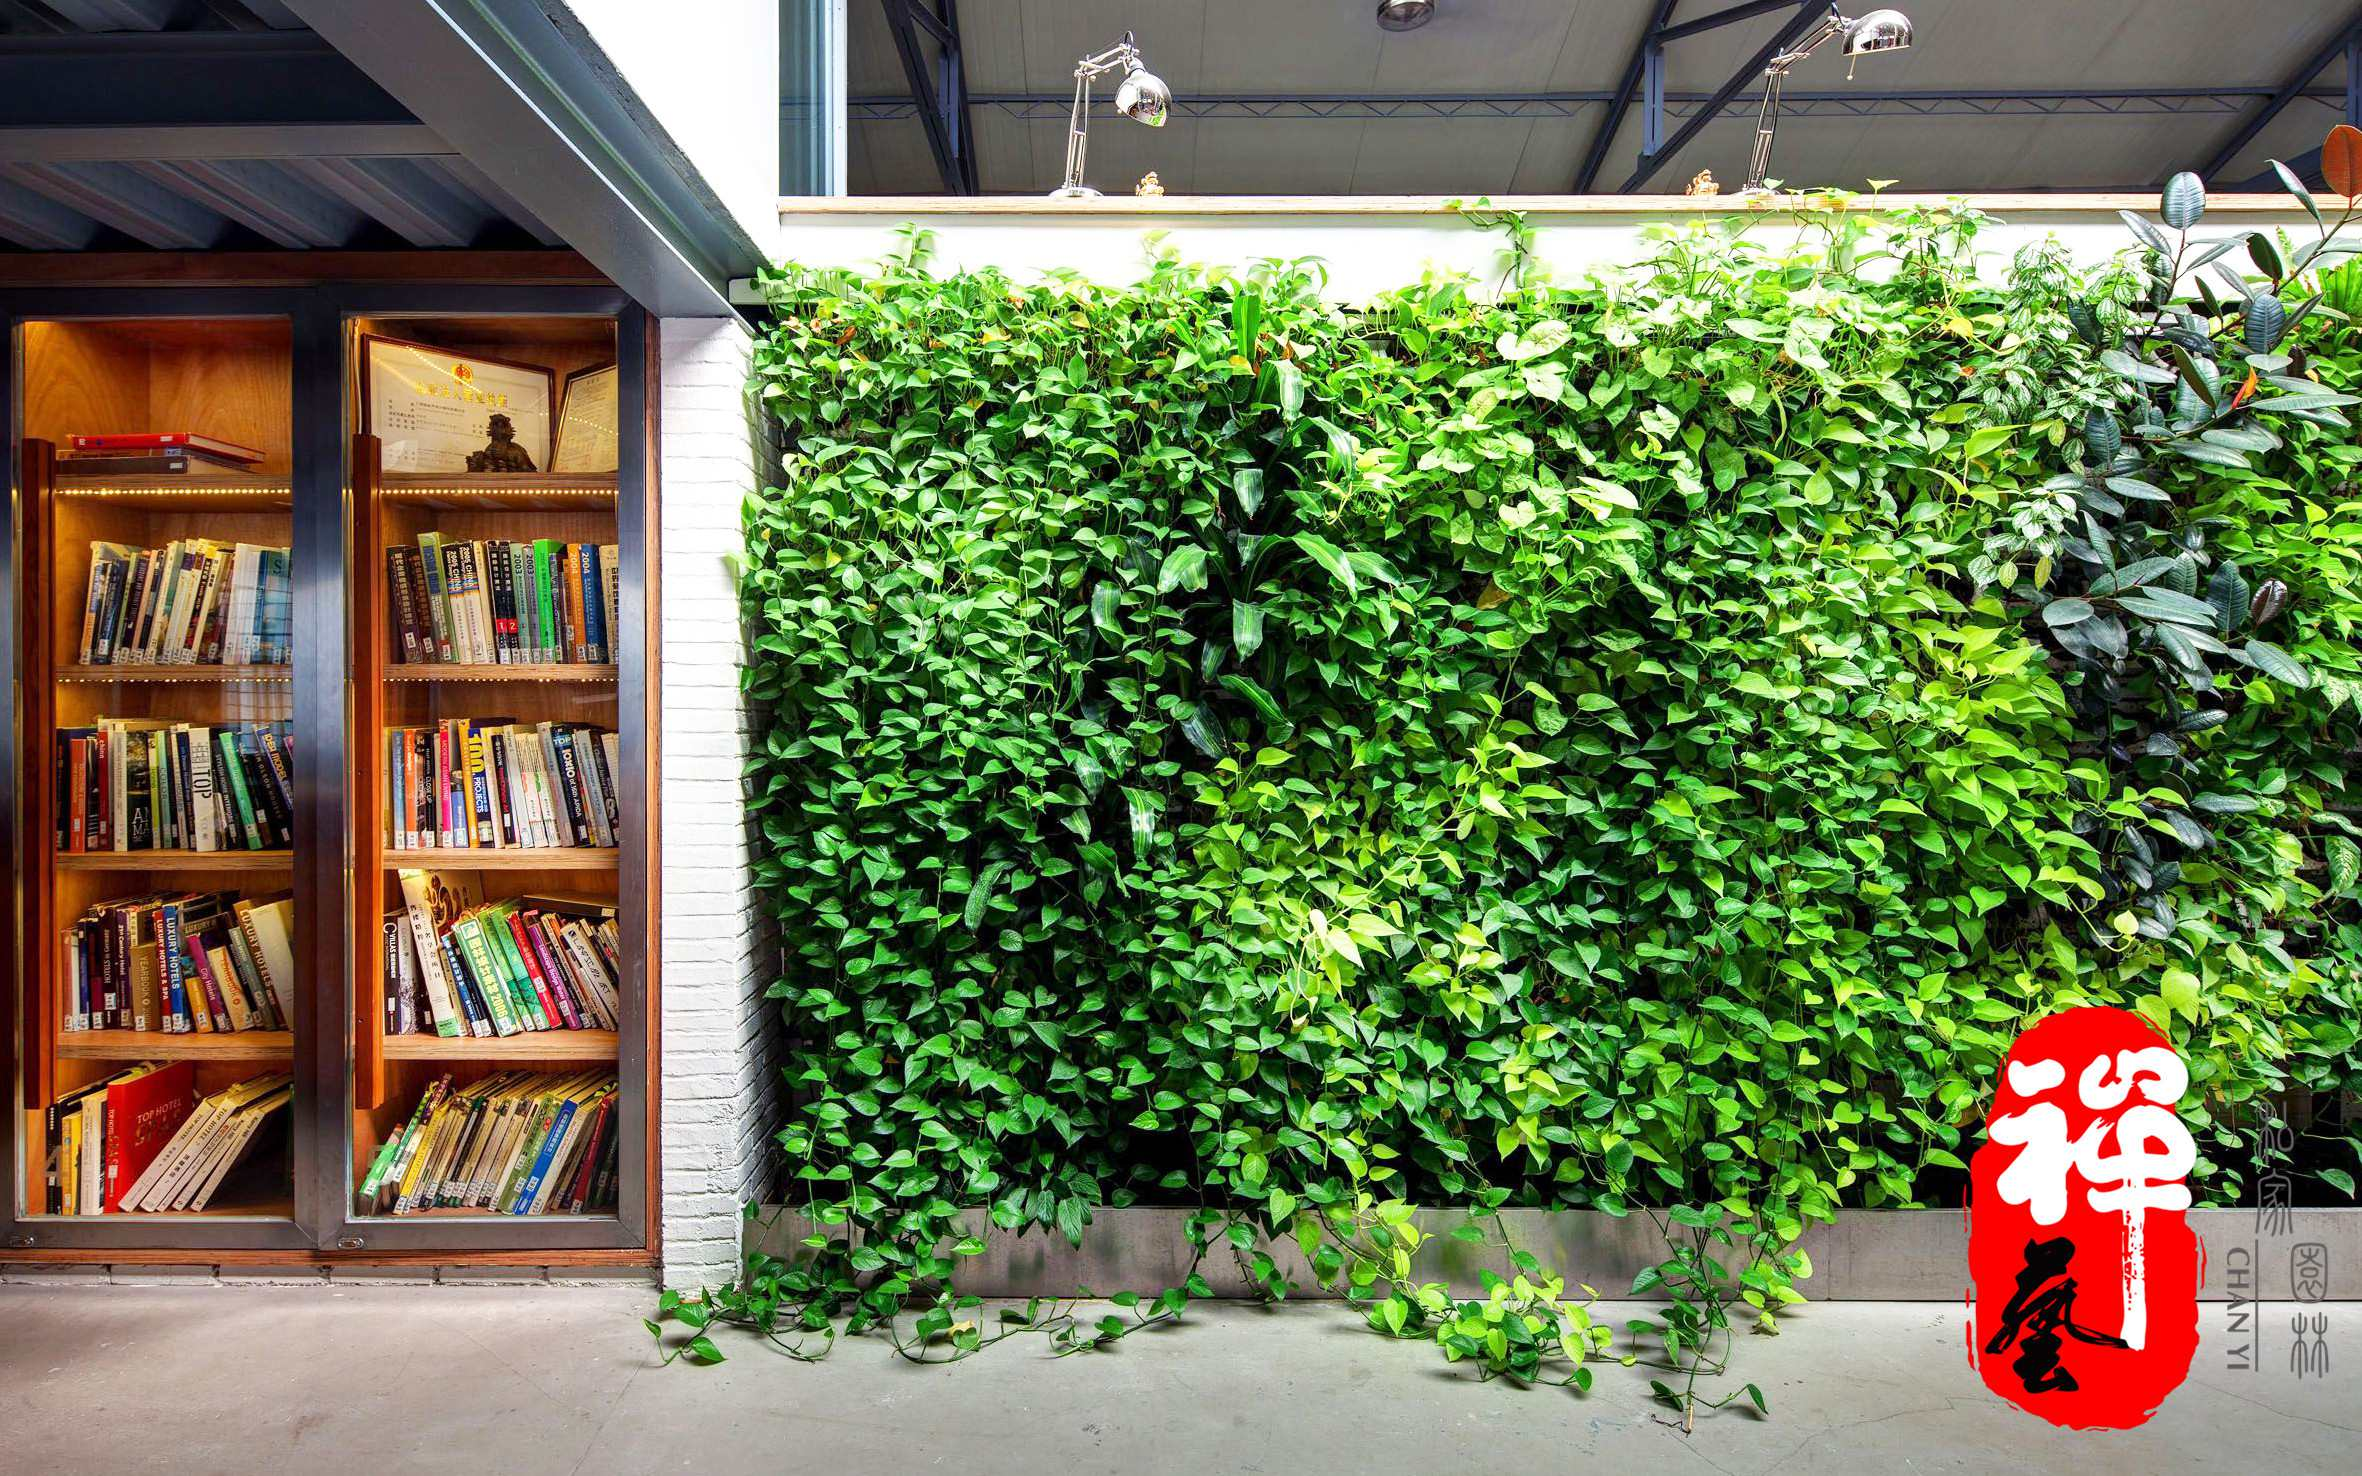 私家庭院垂直绿化-垂直绿化-工程案例-花园设计/庭院